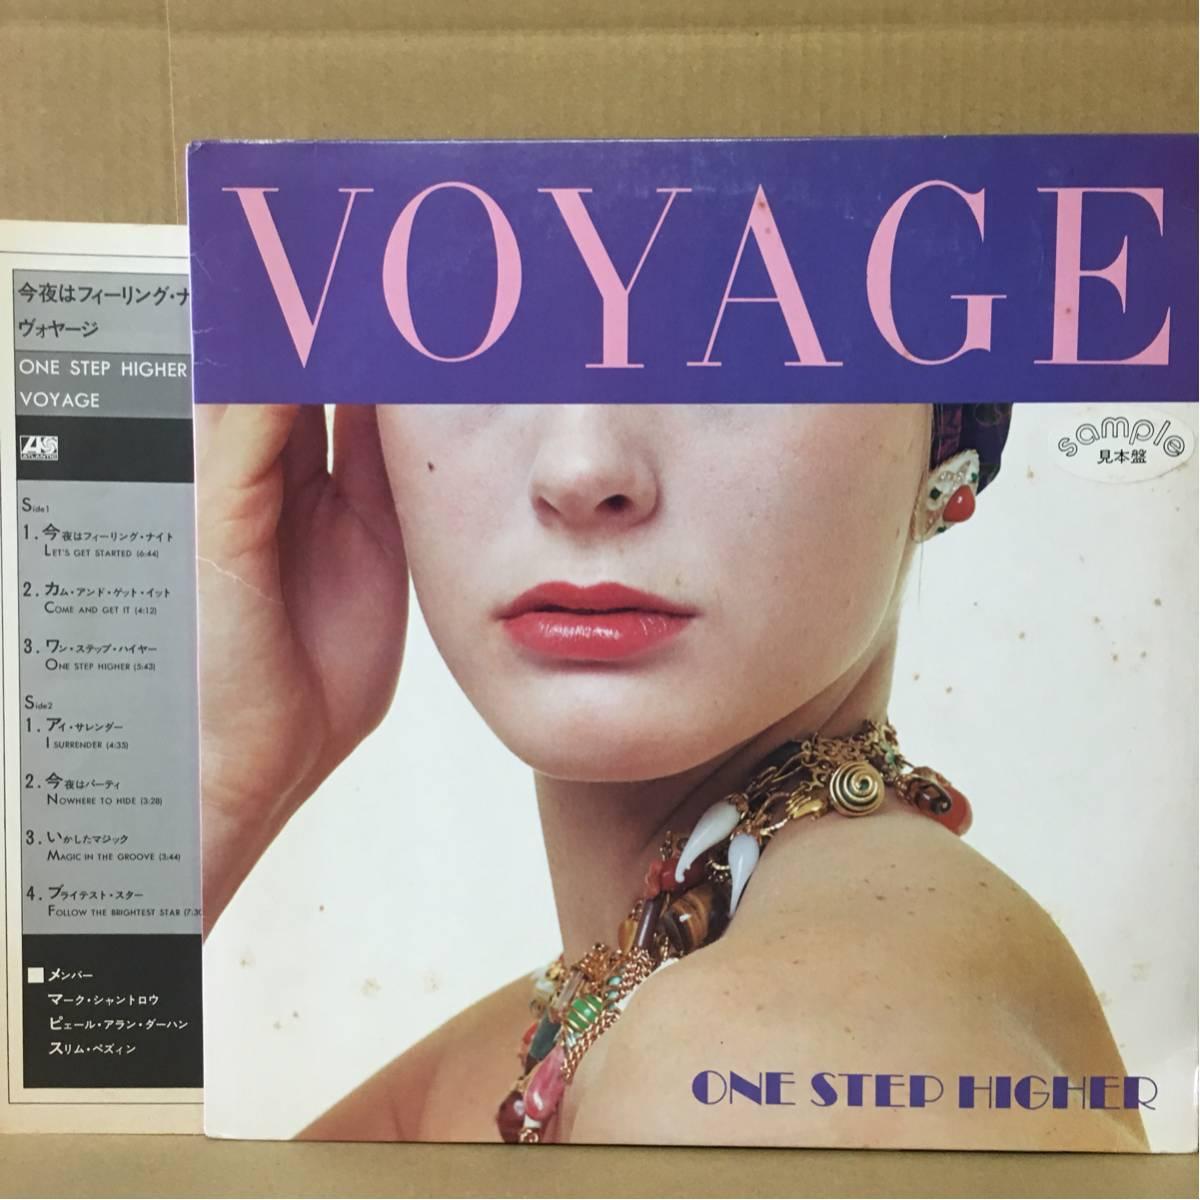 美盤 LP 非売品 見本盤 VOYAGE / ONE STEP HIGHER 今夜はフィーリング・ナイト LET'S GET STARTED ( LONGver 6分44秒収録 )_画像1